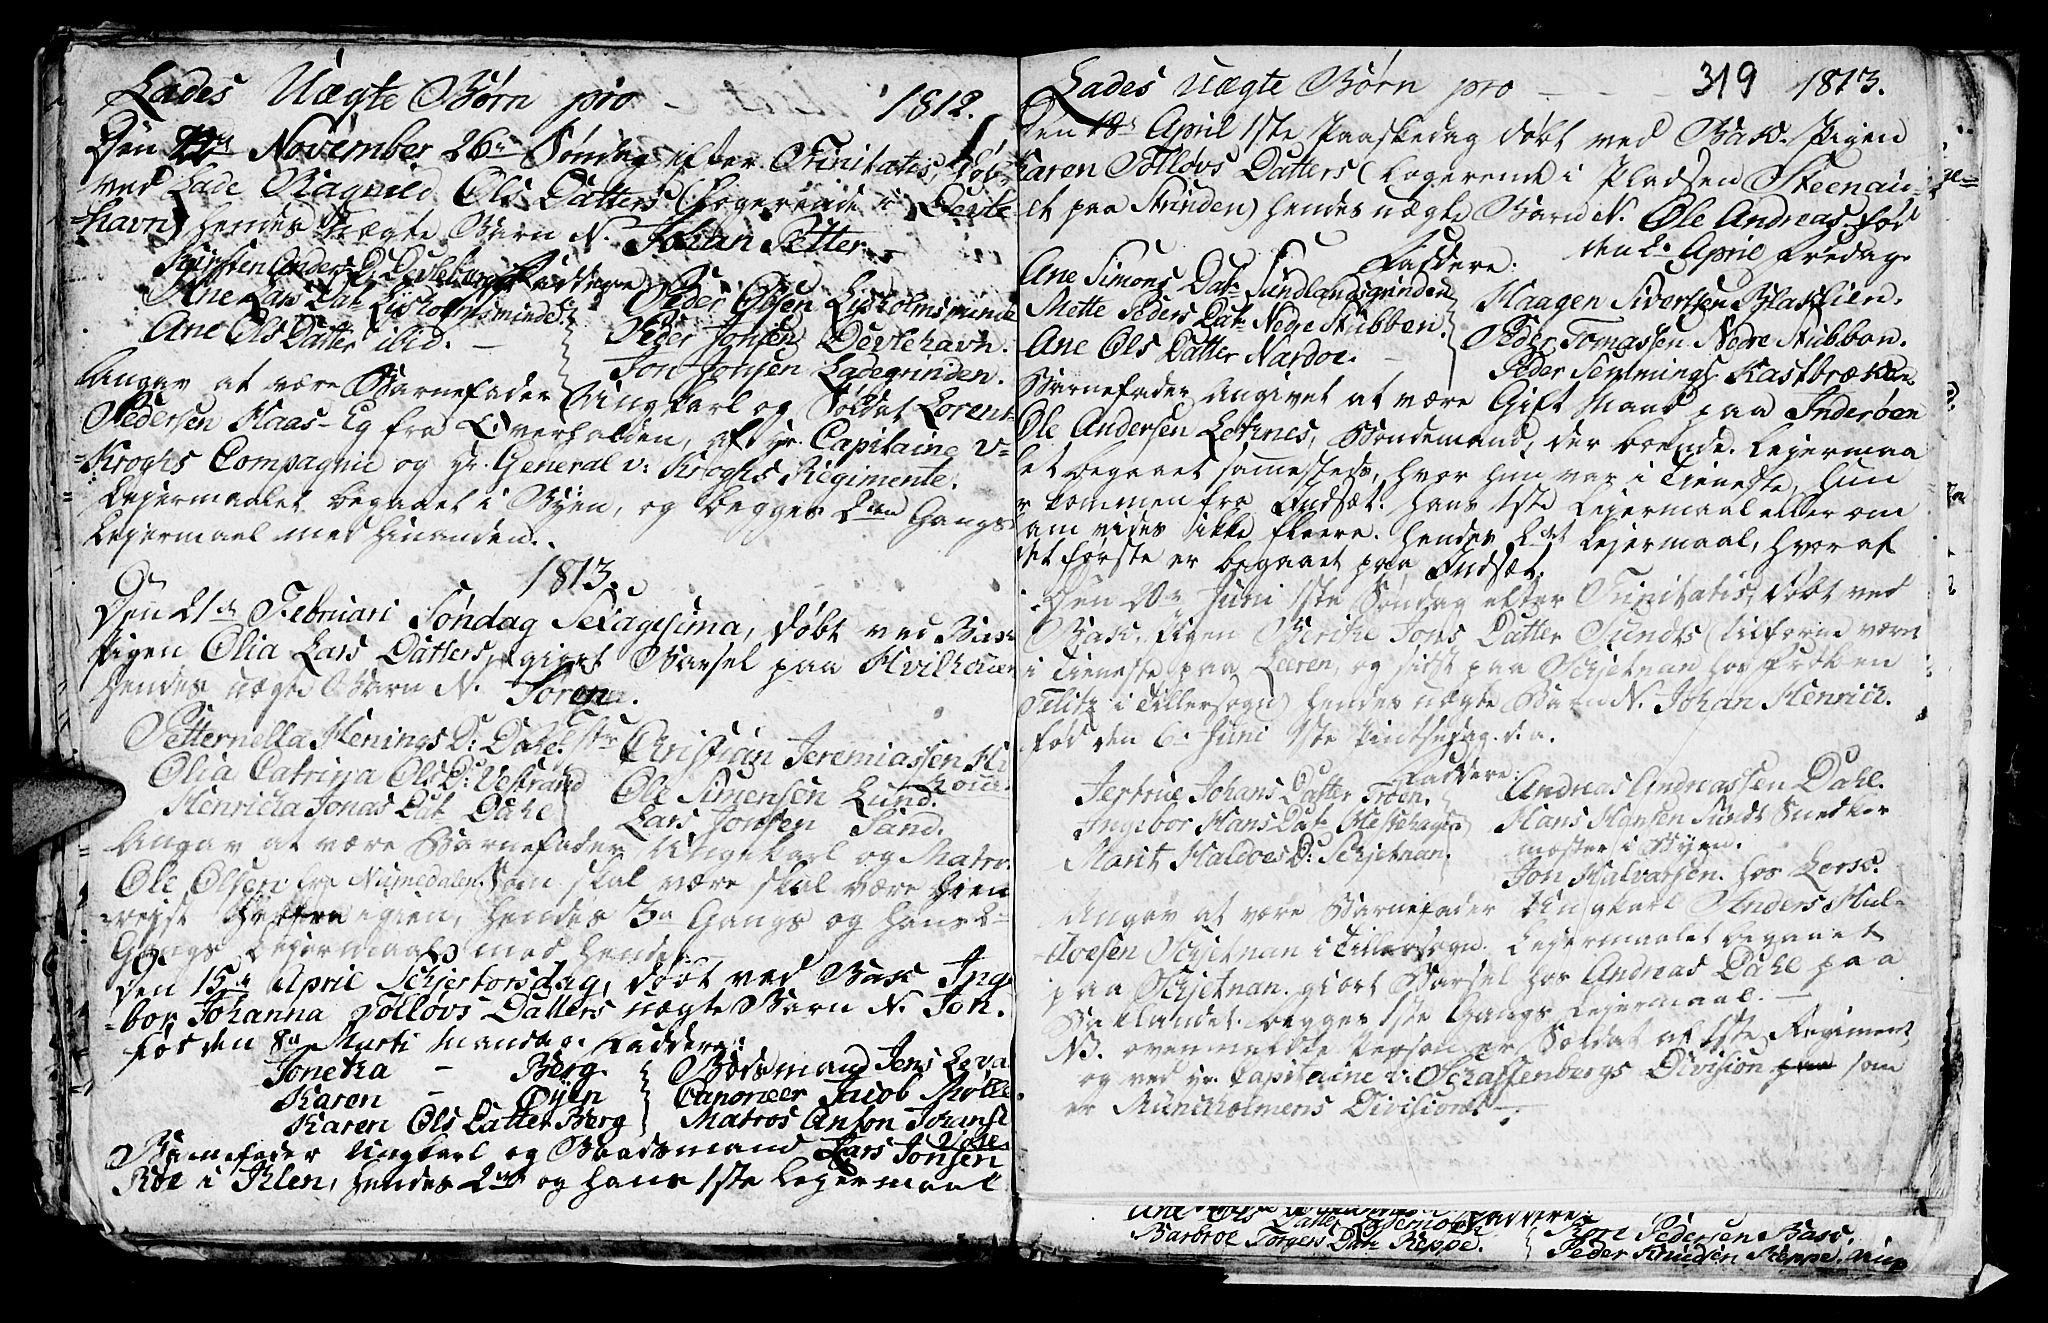 SAT, Ministerialprotokoller, klokkerbøker og fødselsregistre - Sør-Trøndelag, 606/L0305: Klokkerbok nr. 606C01, 1757-1819, s. 319